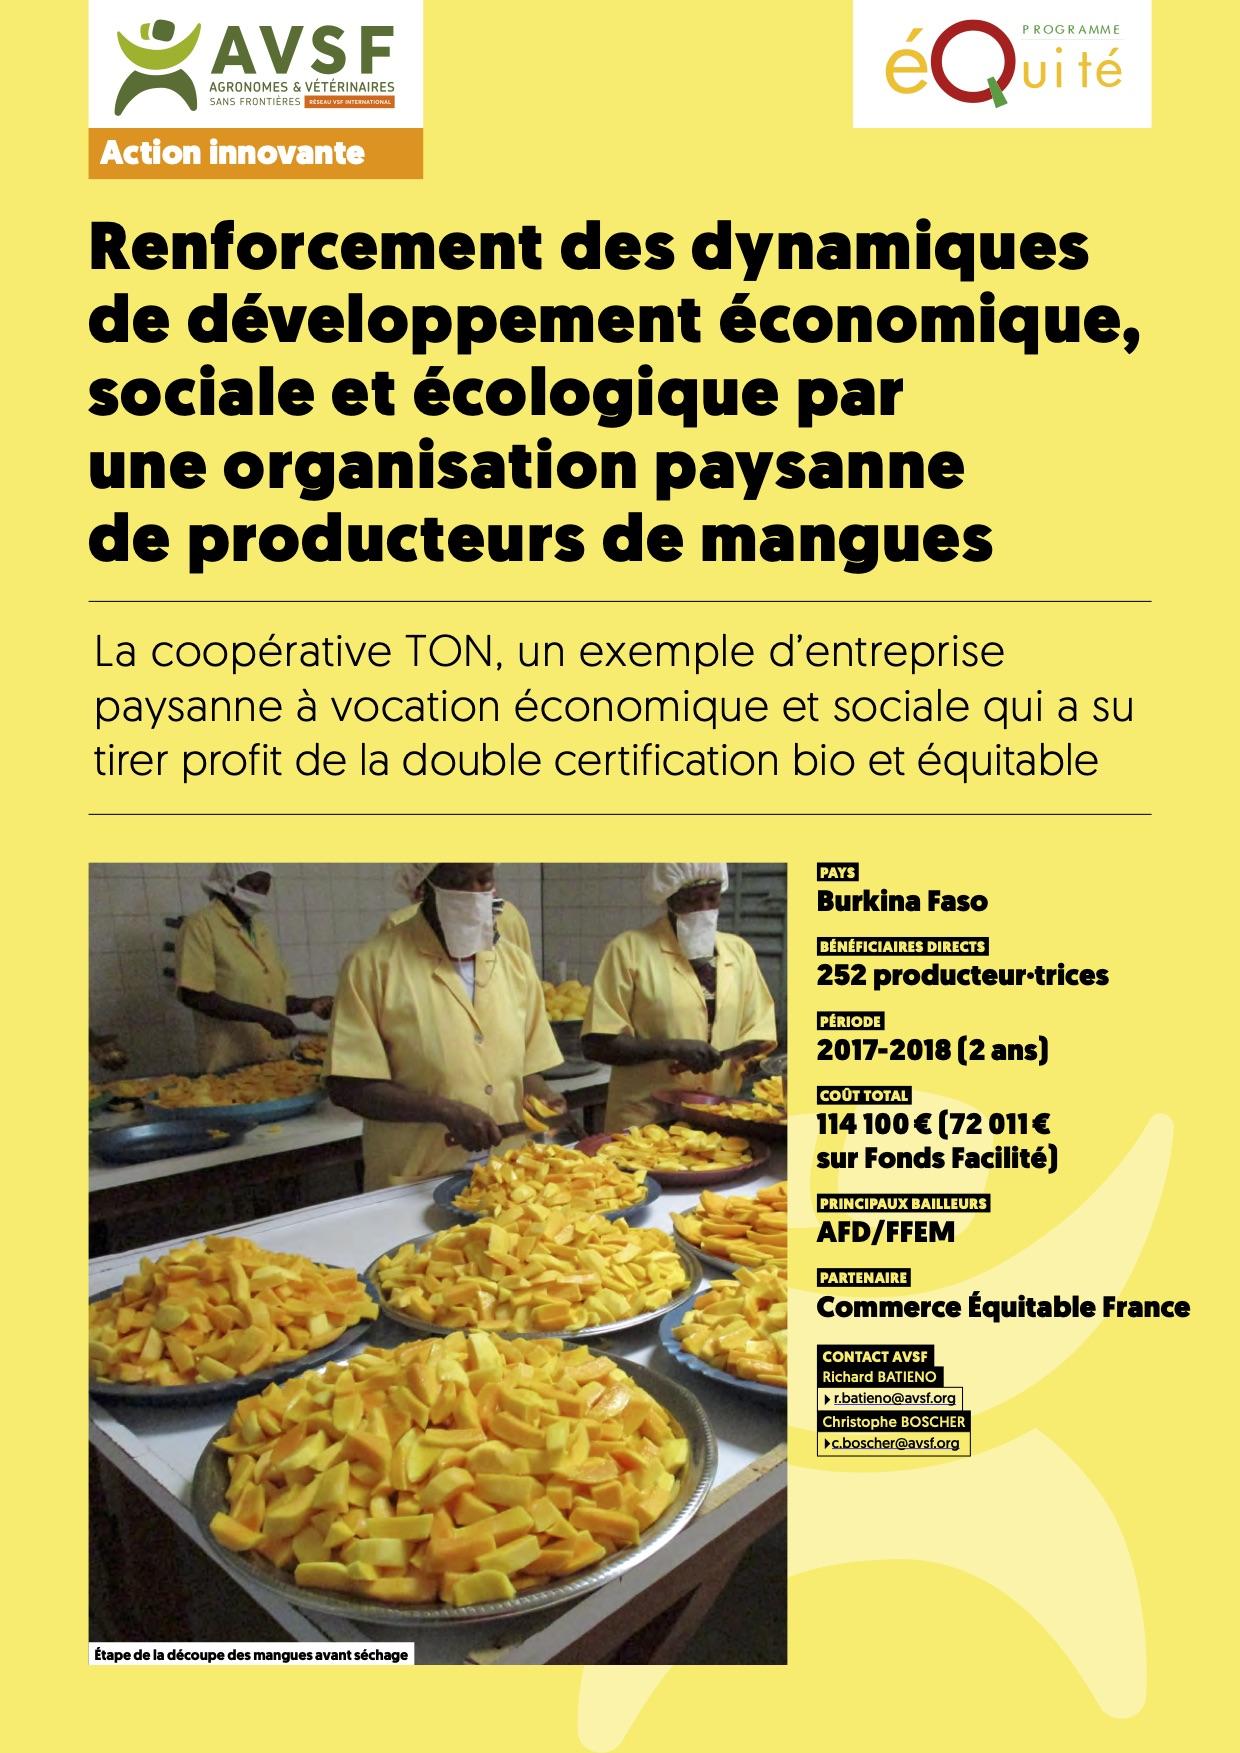 Commerce équitable et production paysanne de mangues bio au Burkina Faso  Image principale